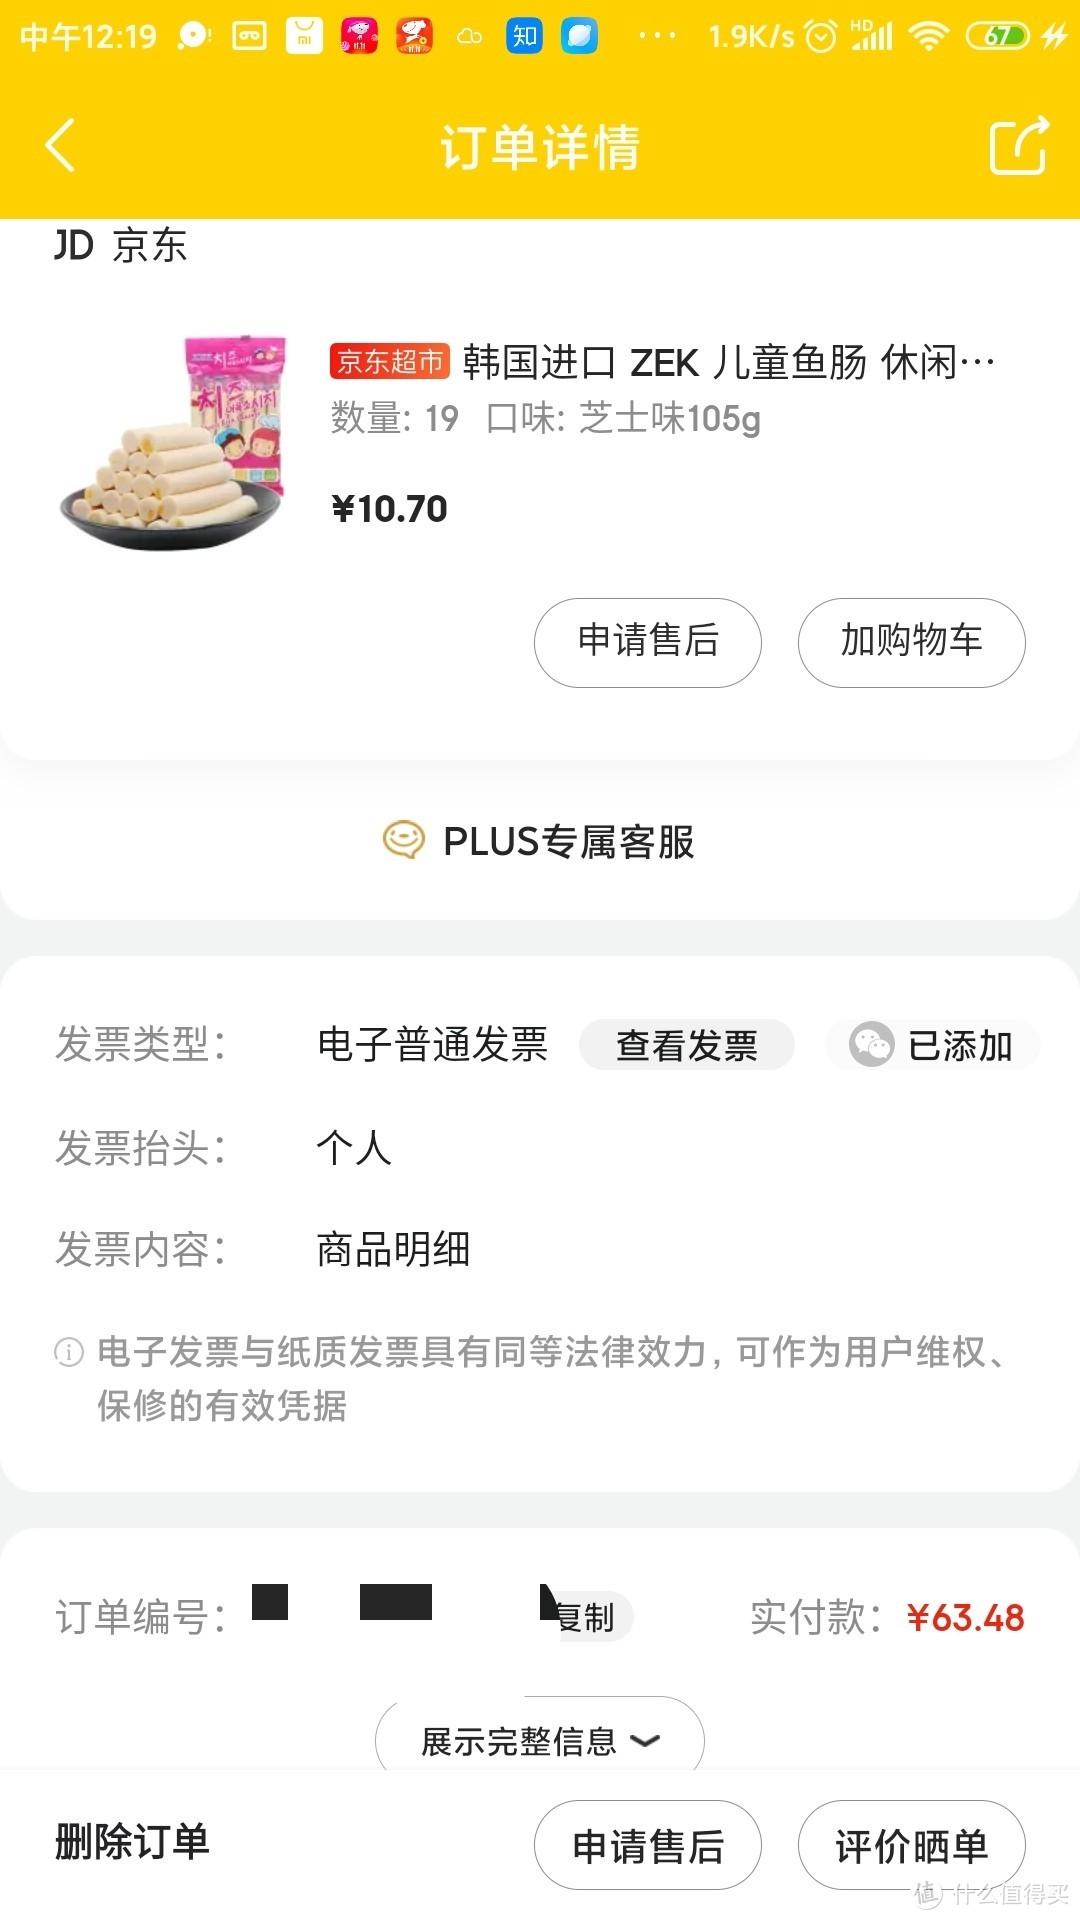 图书馆猿の双十一为小妞抢的便宜零食:清之坊 猪肉脯 & ZEK 鳕鱼肠